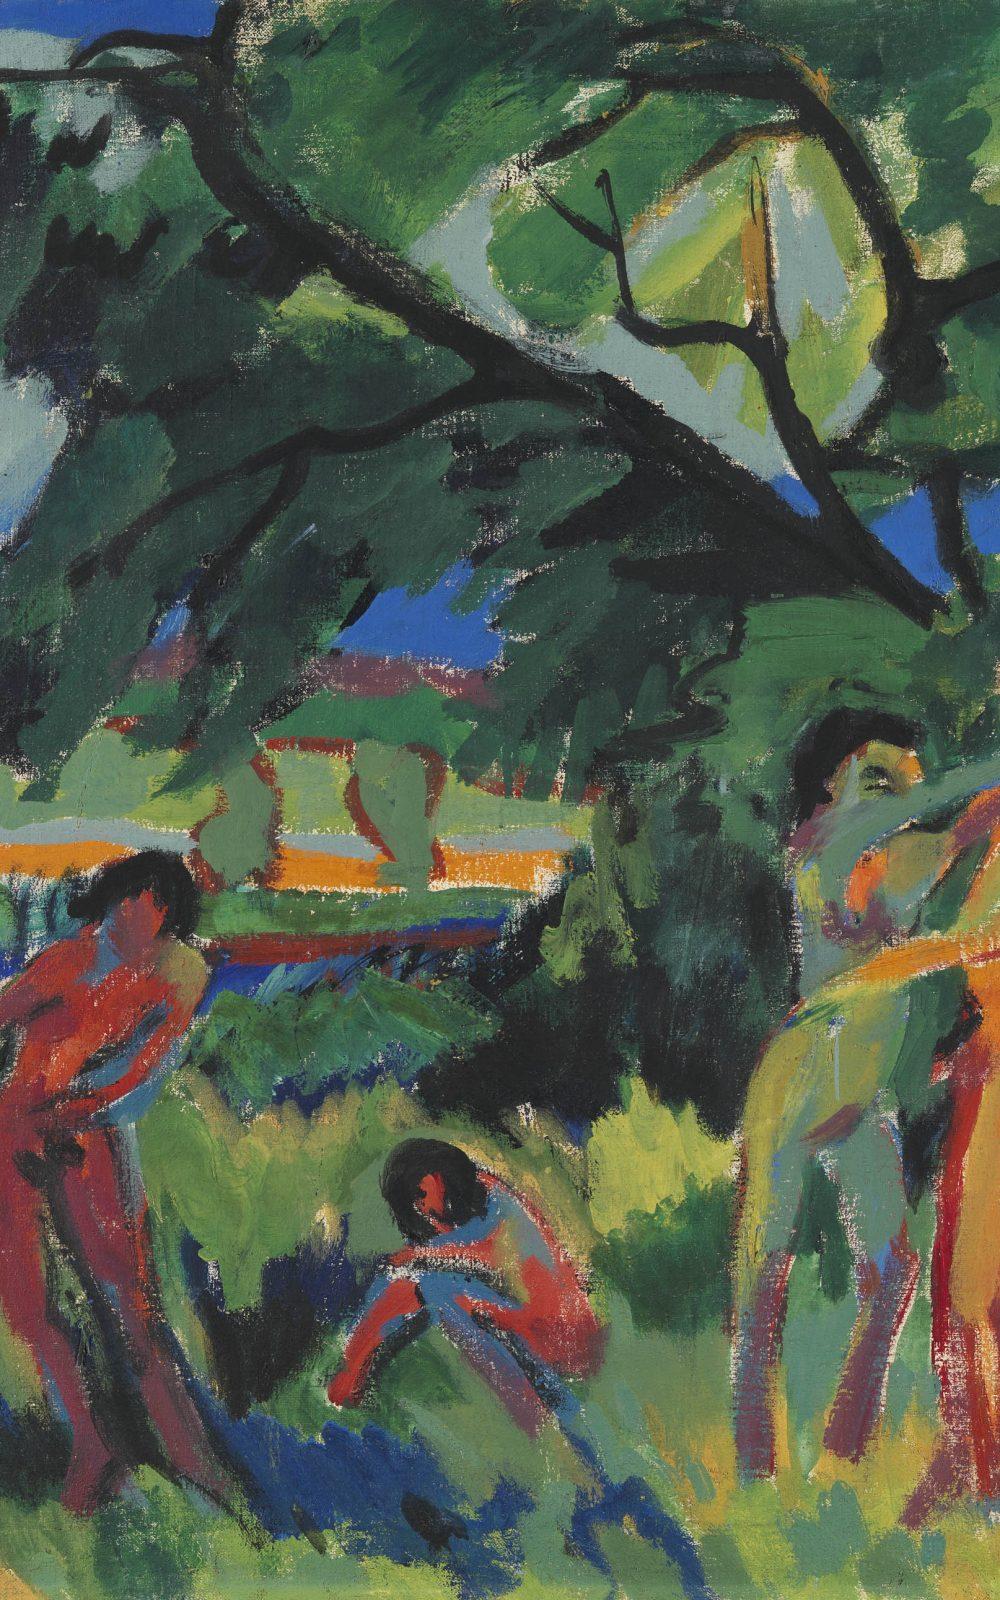 Ernst Ludwig Kirchner, Spielende nackte Menschen unter Baum